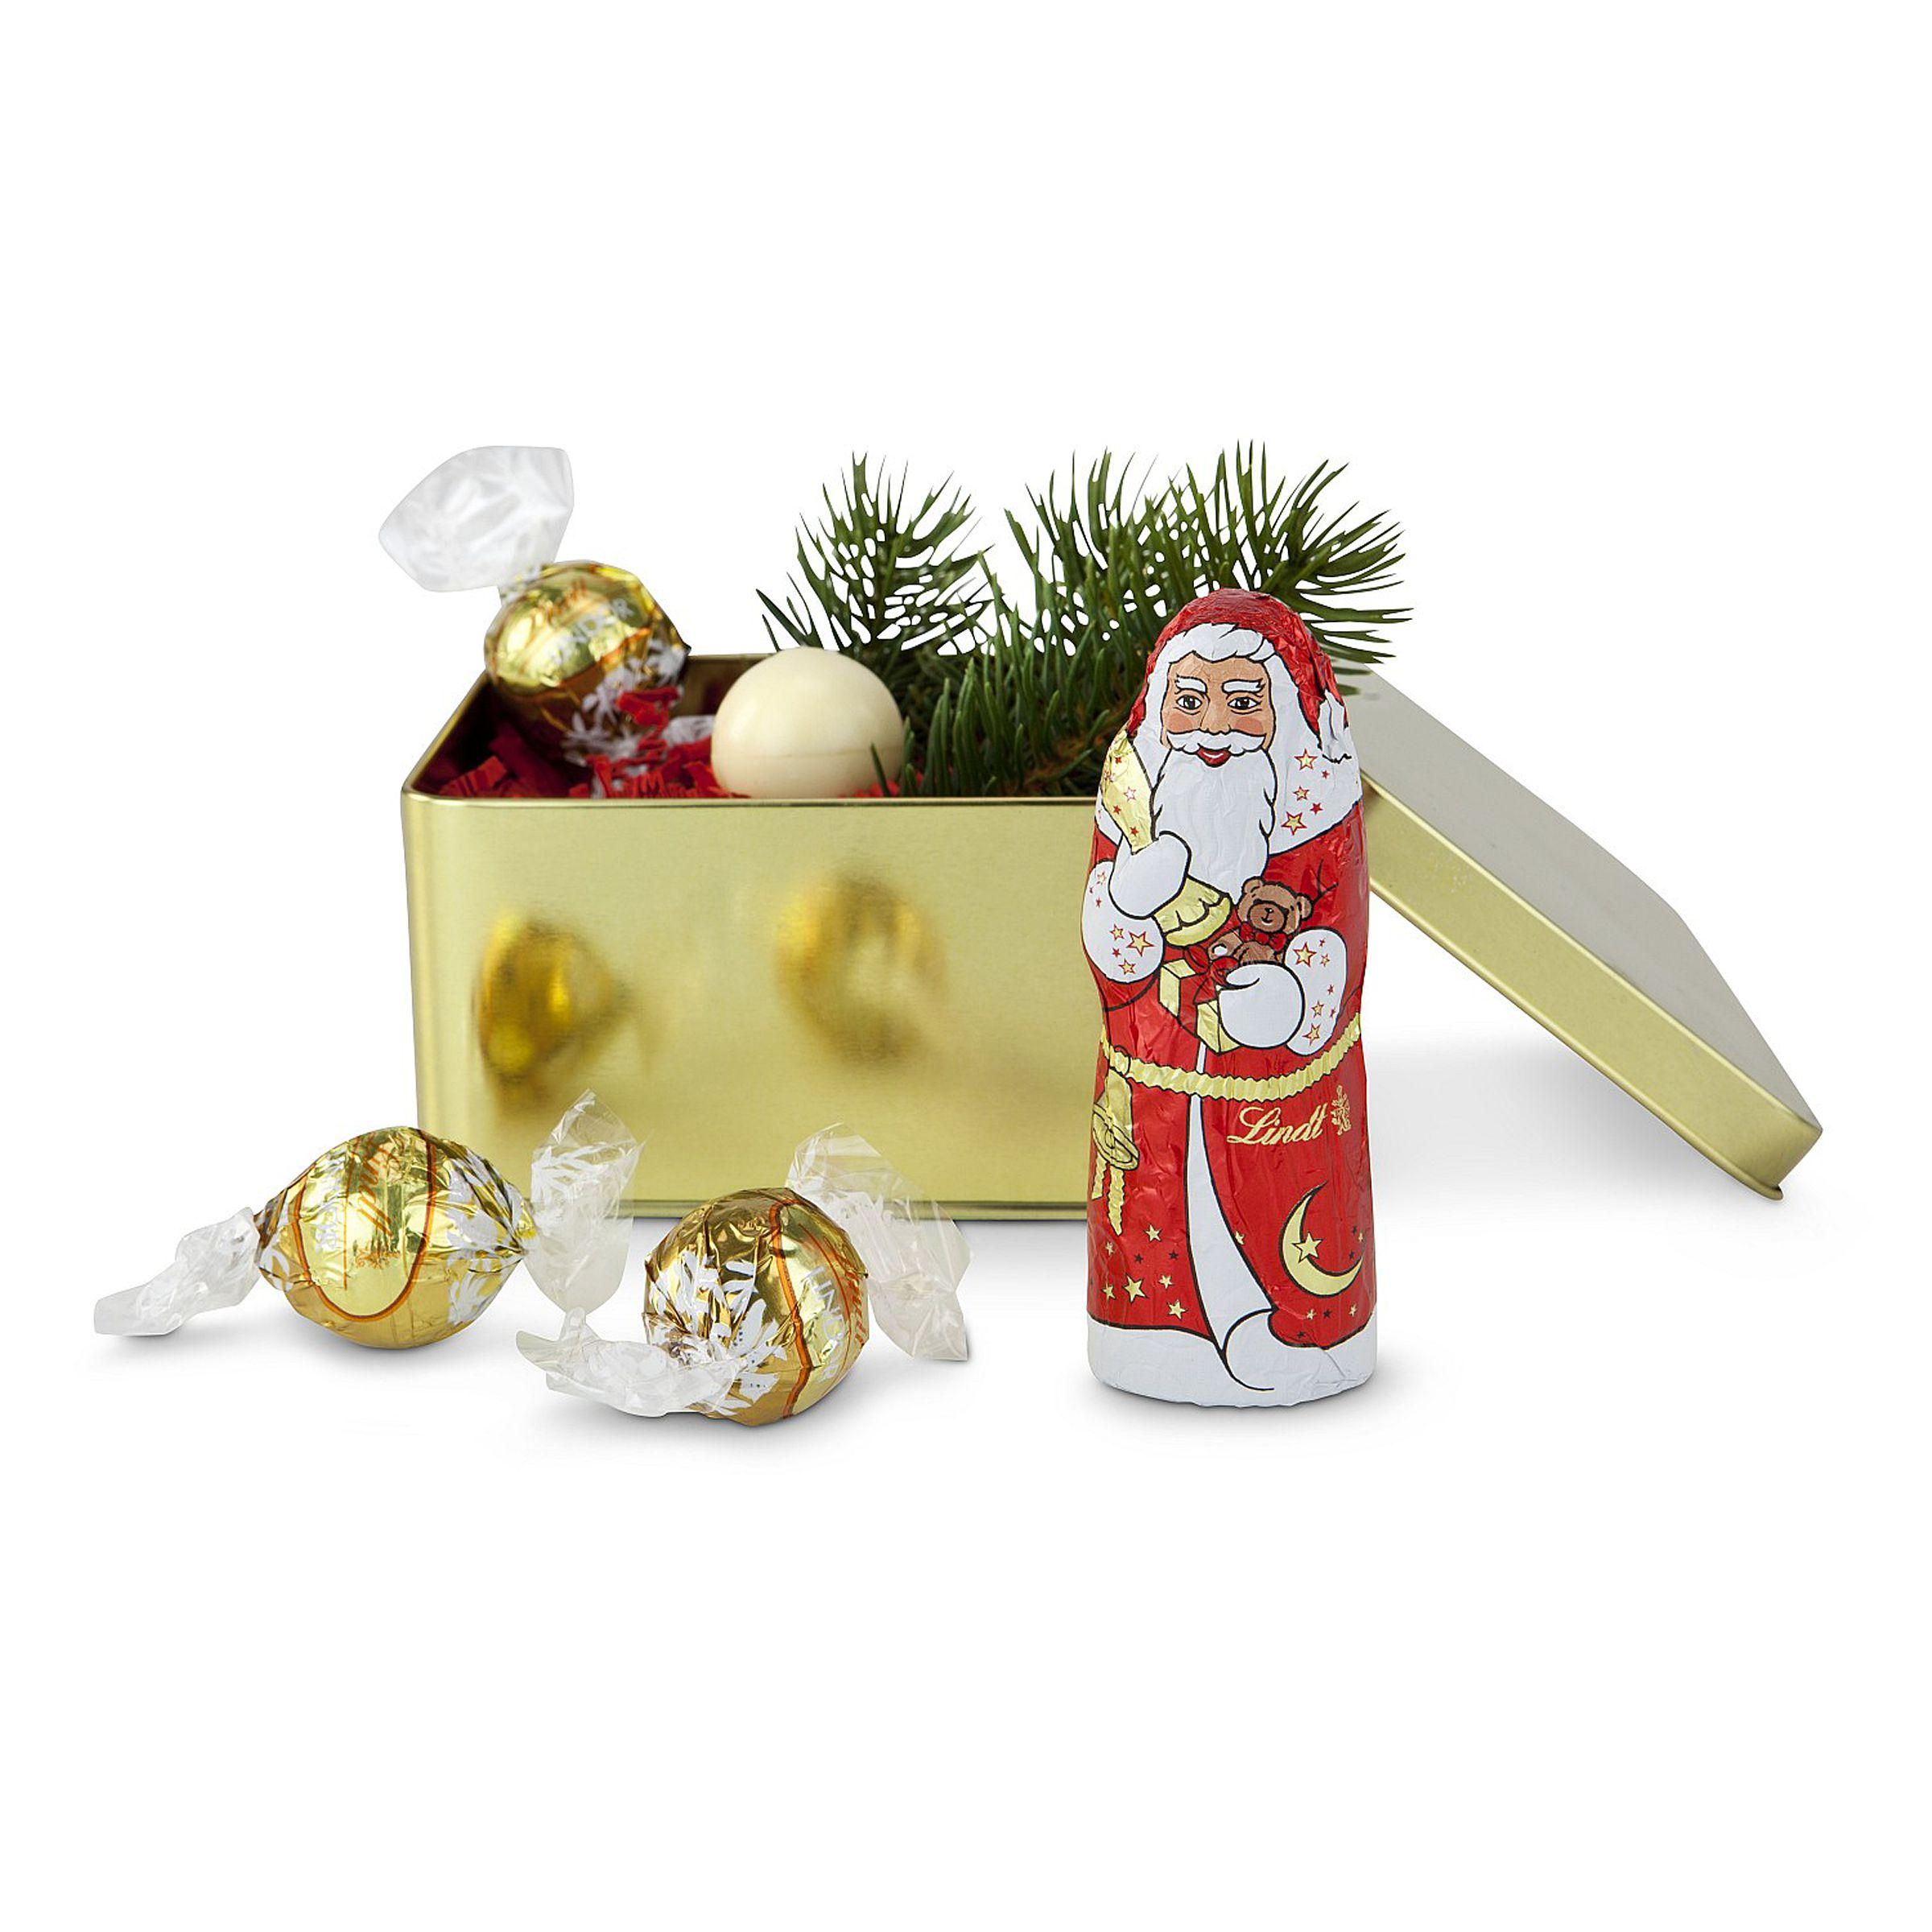 Weihnachtsmann & Lindorkugeln Weihnachts-Set - einfach-geschenke ...